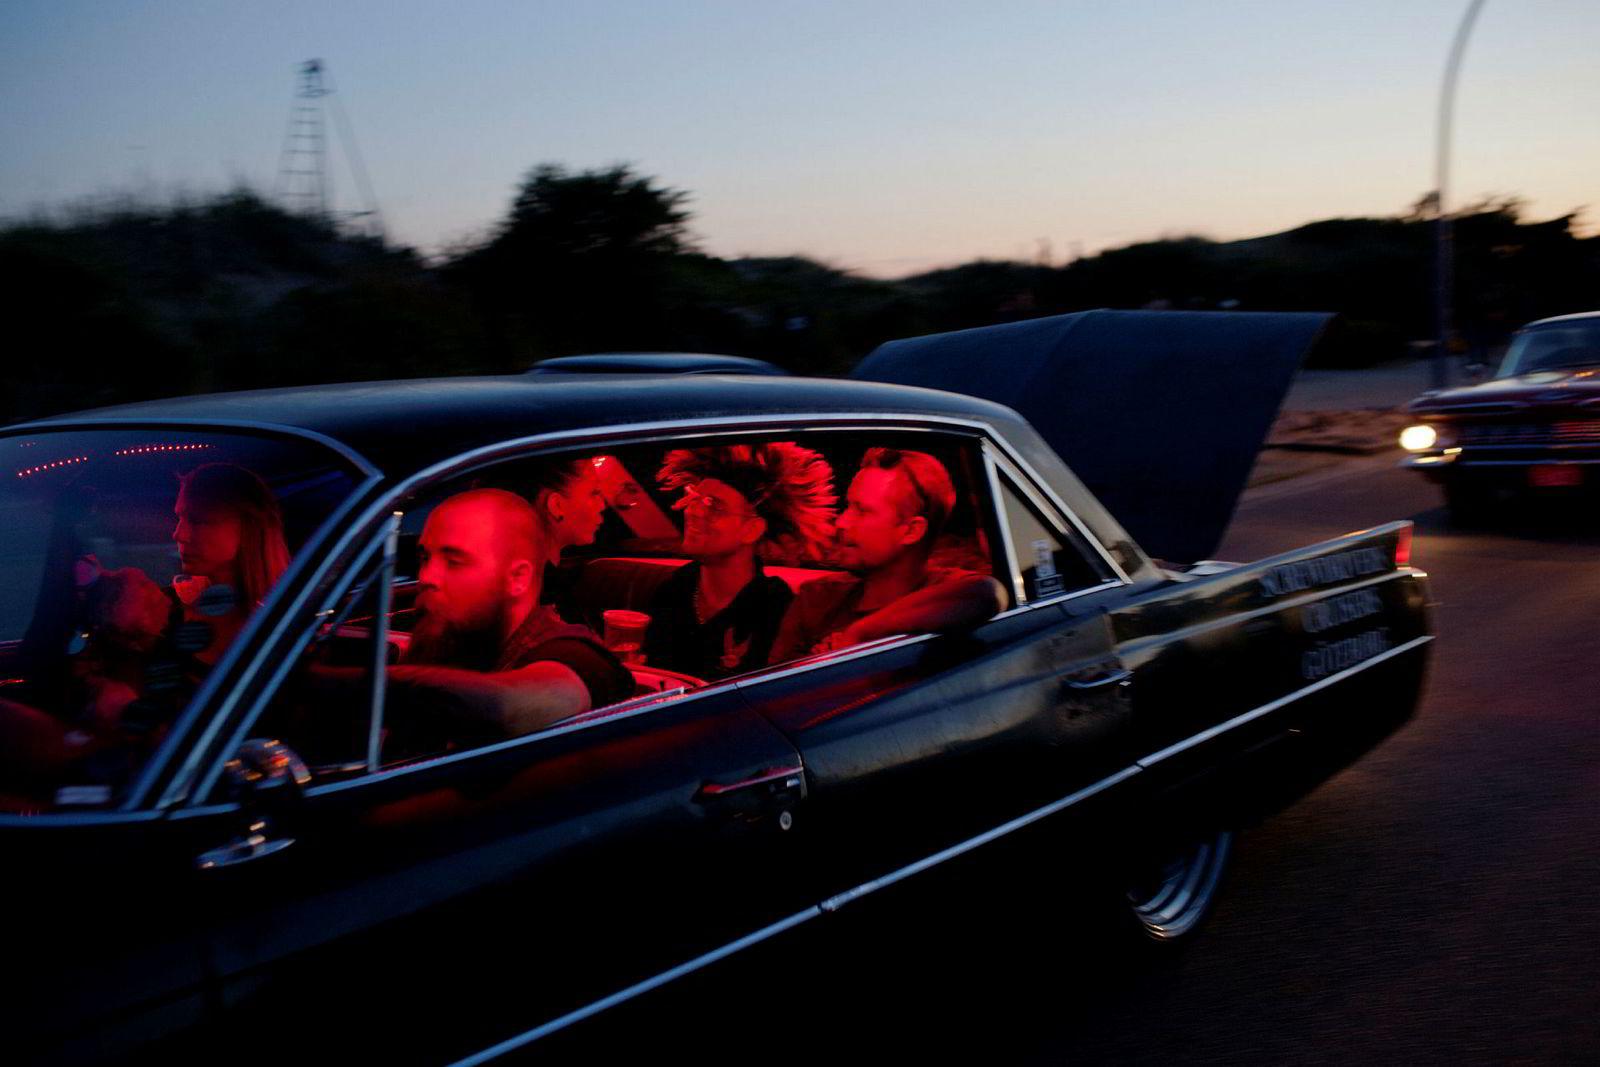 Hver raggarbil har sin egen klubb. Bilen tilhører Screwdriver Cruisers, sjåføren Göteborgklubben Sölve. Festen i bilen har vart i mange timer allerede.